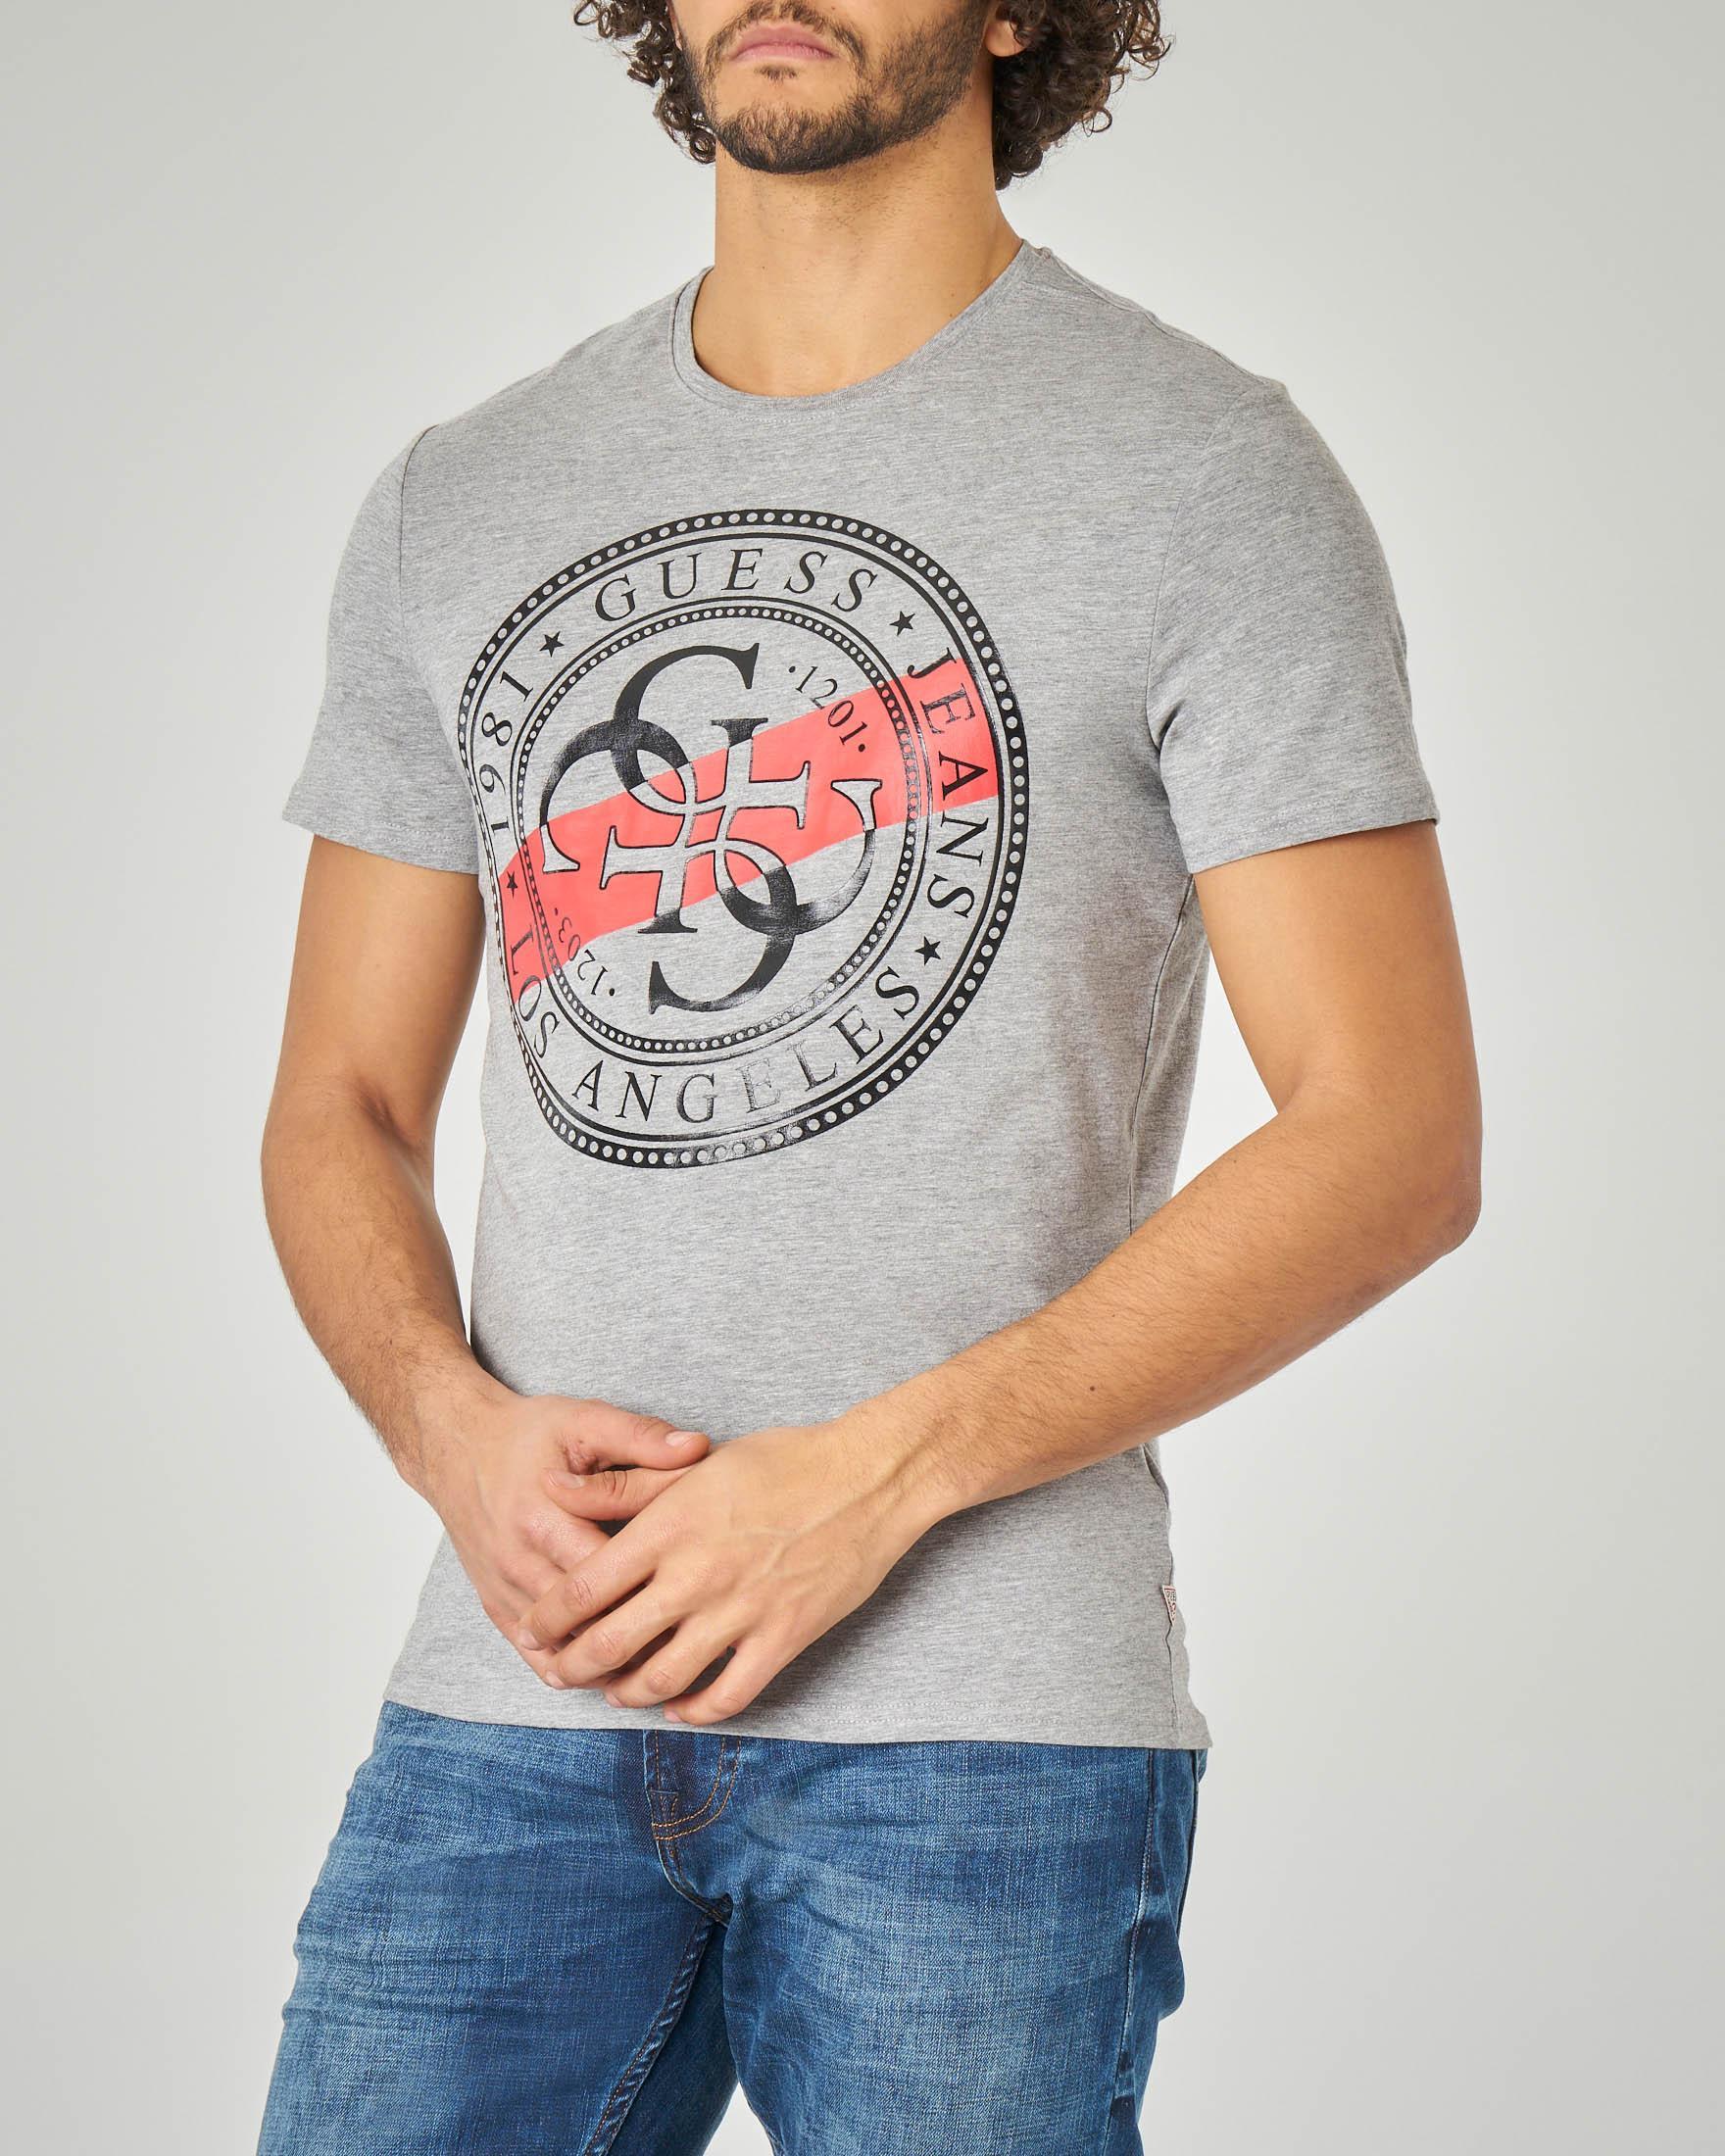 T-shirt grigia con logo bollo 4G